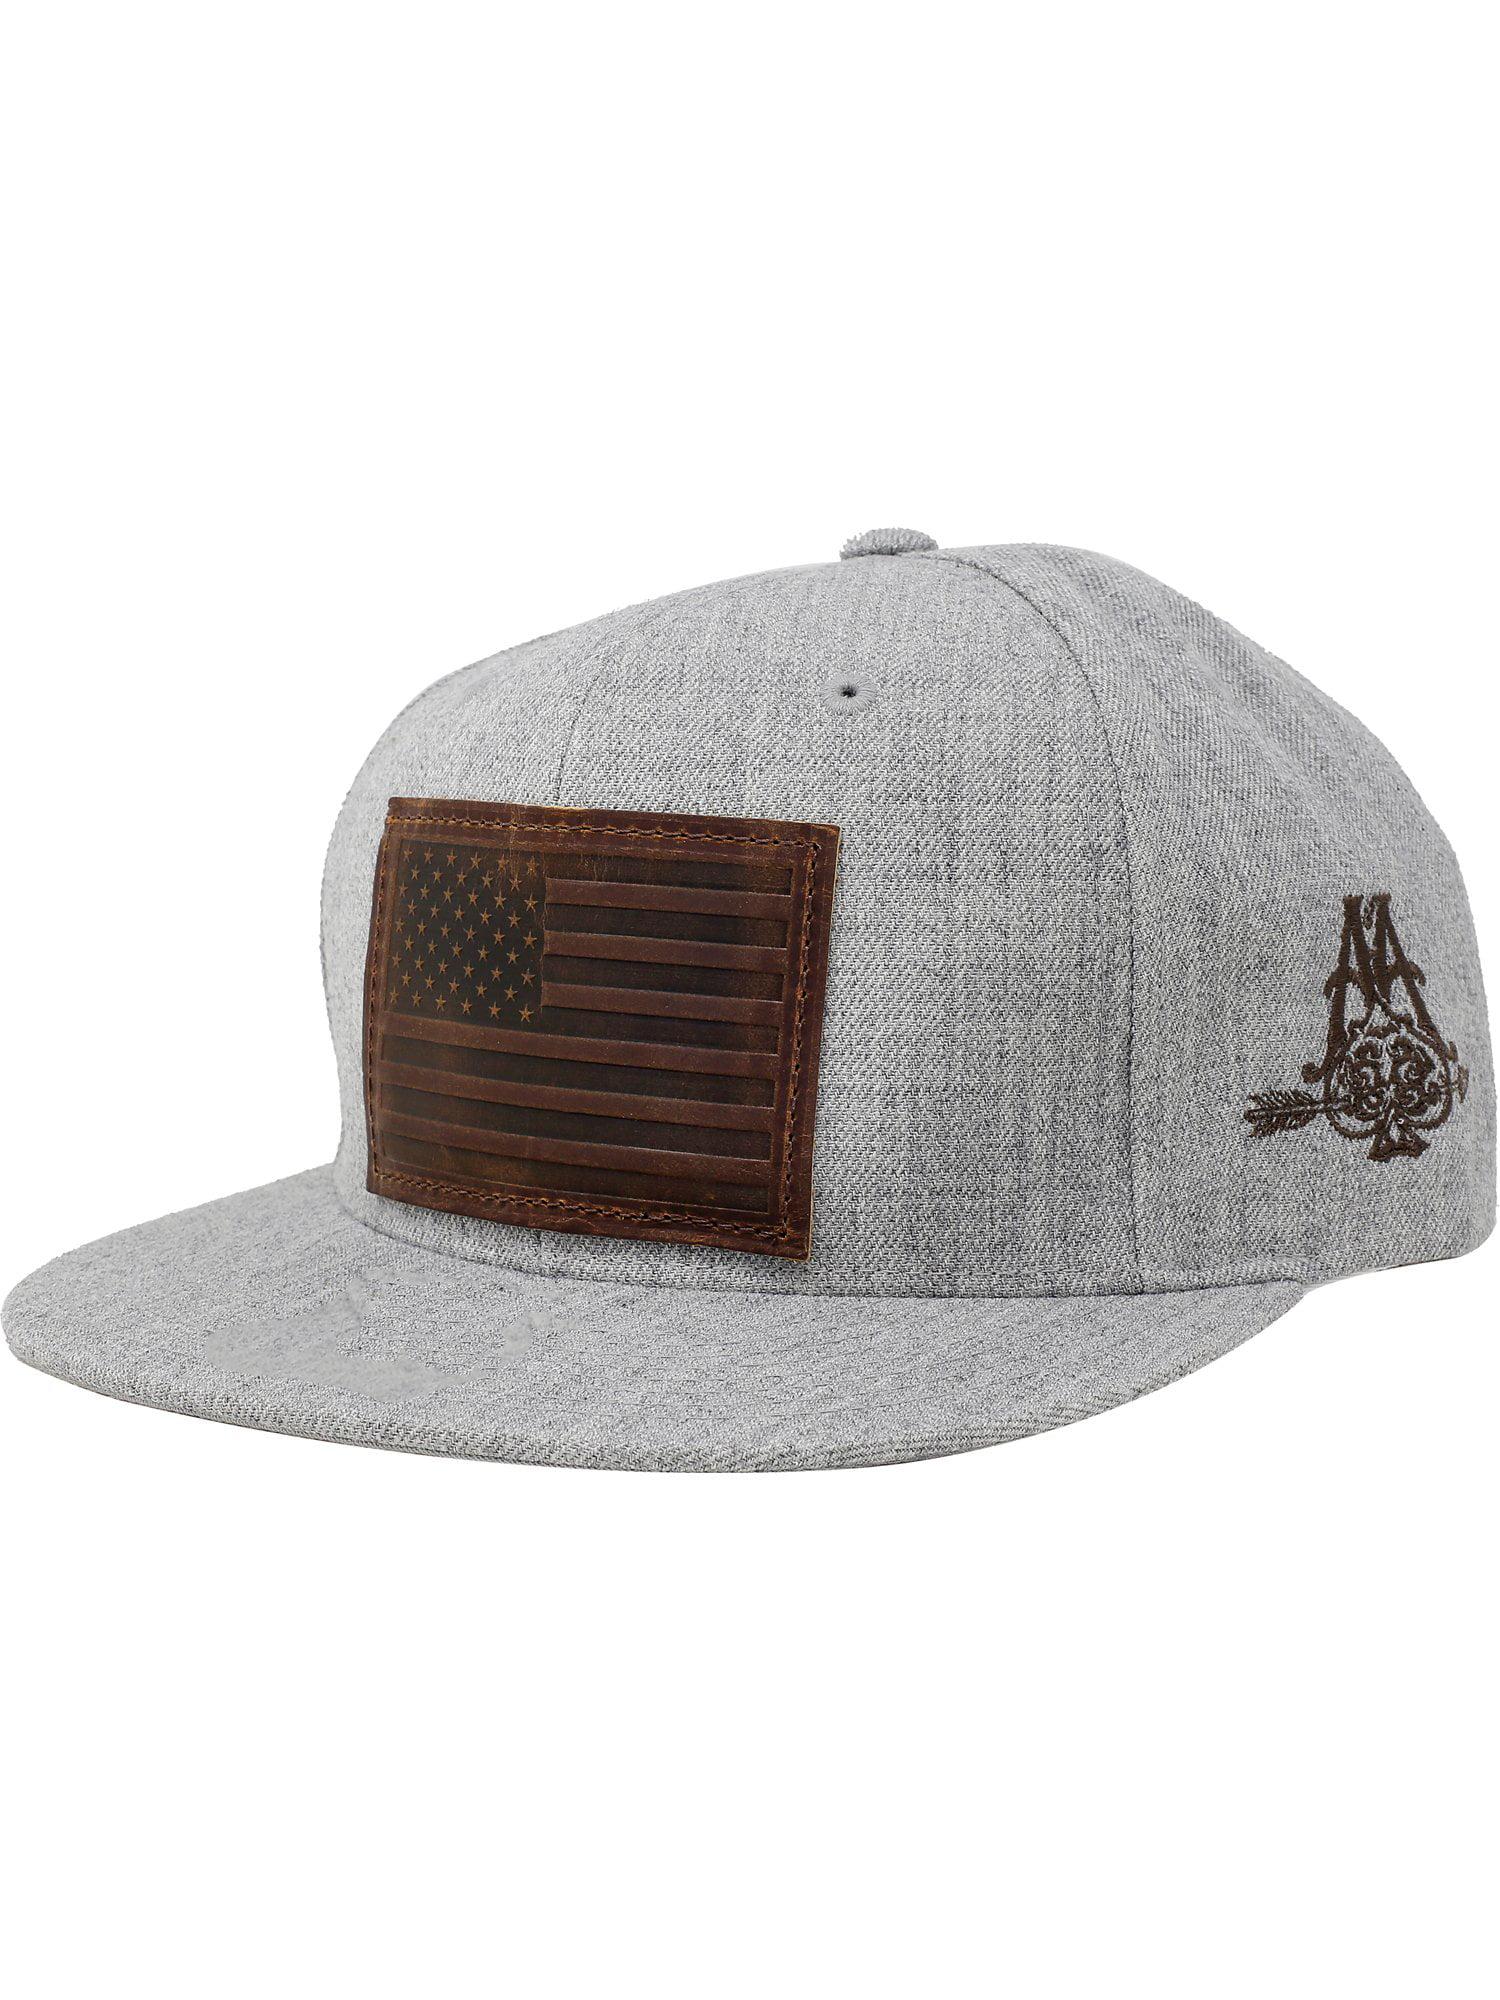 Baseball Cap--Flat Brim Hat de3398fc43d